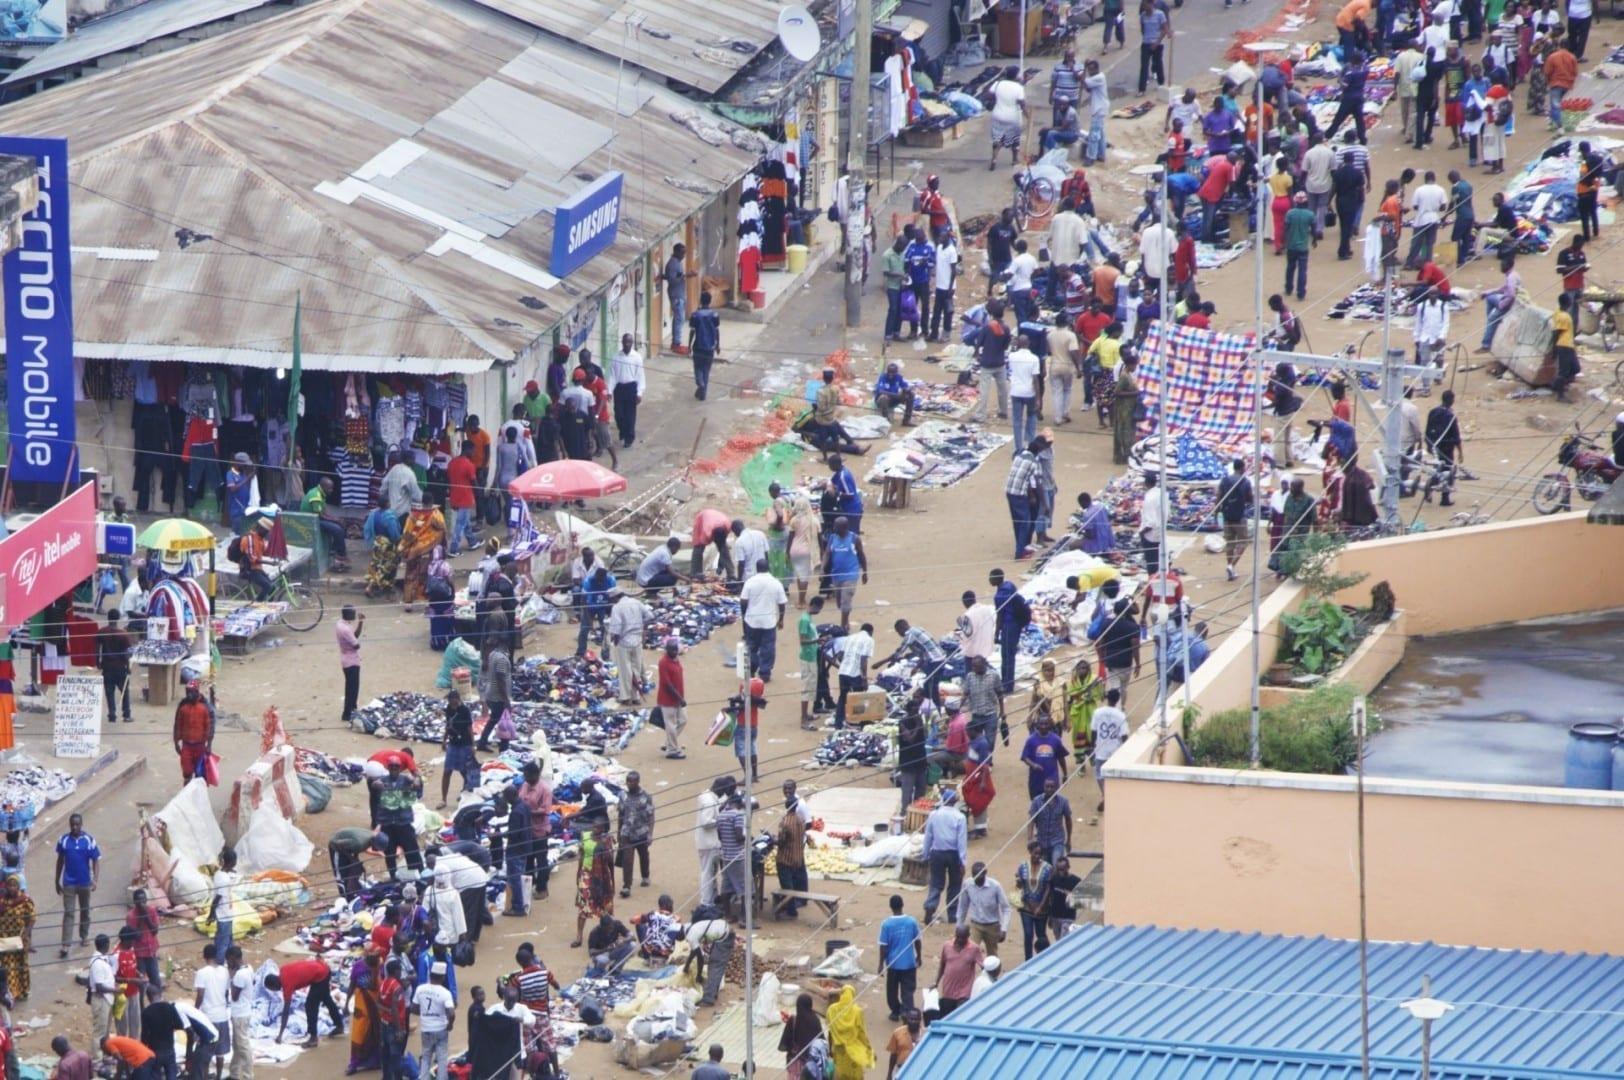 La vista de pájaro del mercado de Kariakoo en Dar es Salaam. Dar es Salaam Tanzania